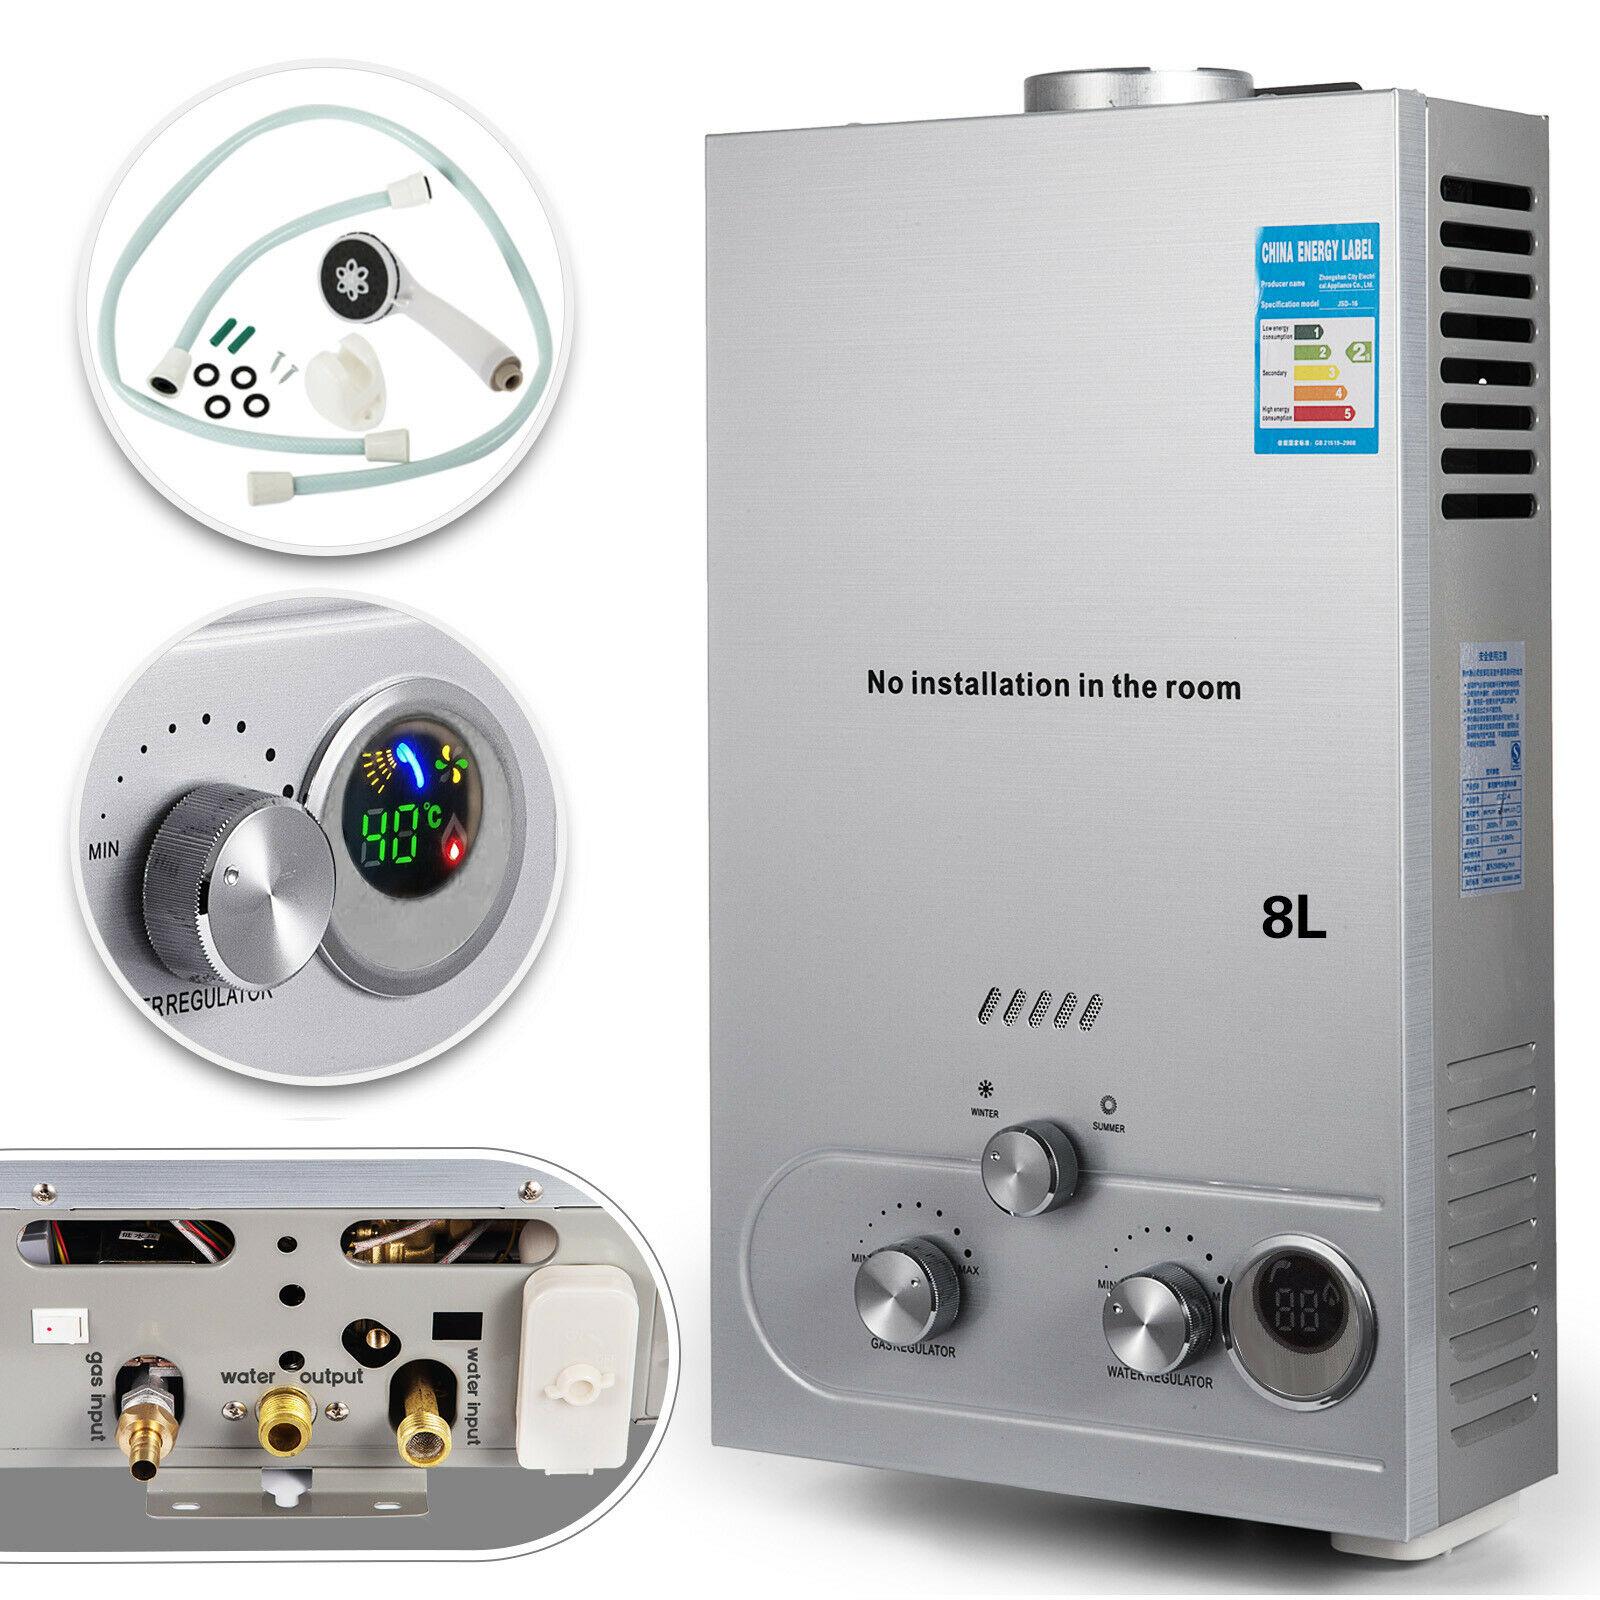 AliExpress Chauffe-eau au gaz Propane 8l gpl, sans réservoir, affichage numérique, avec Kit de douche, pour